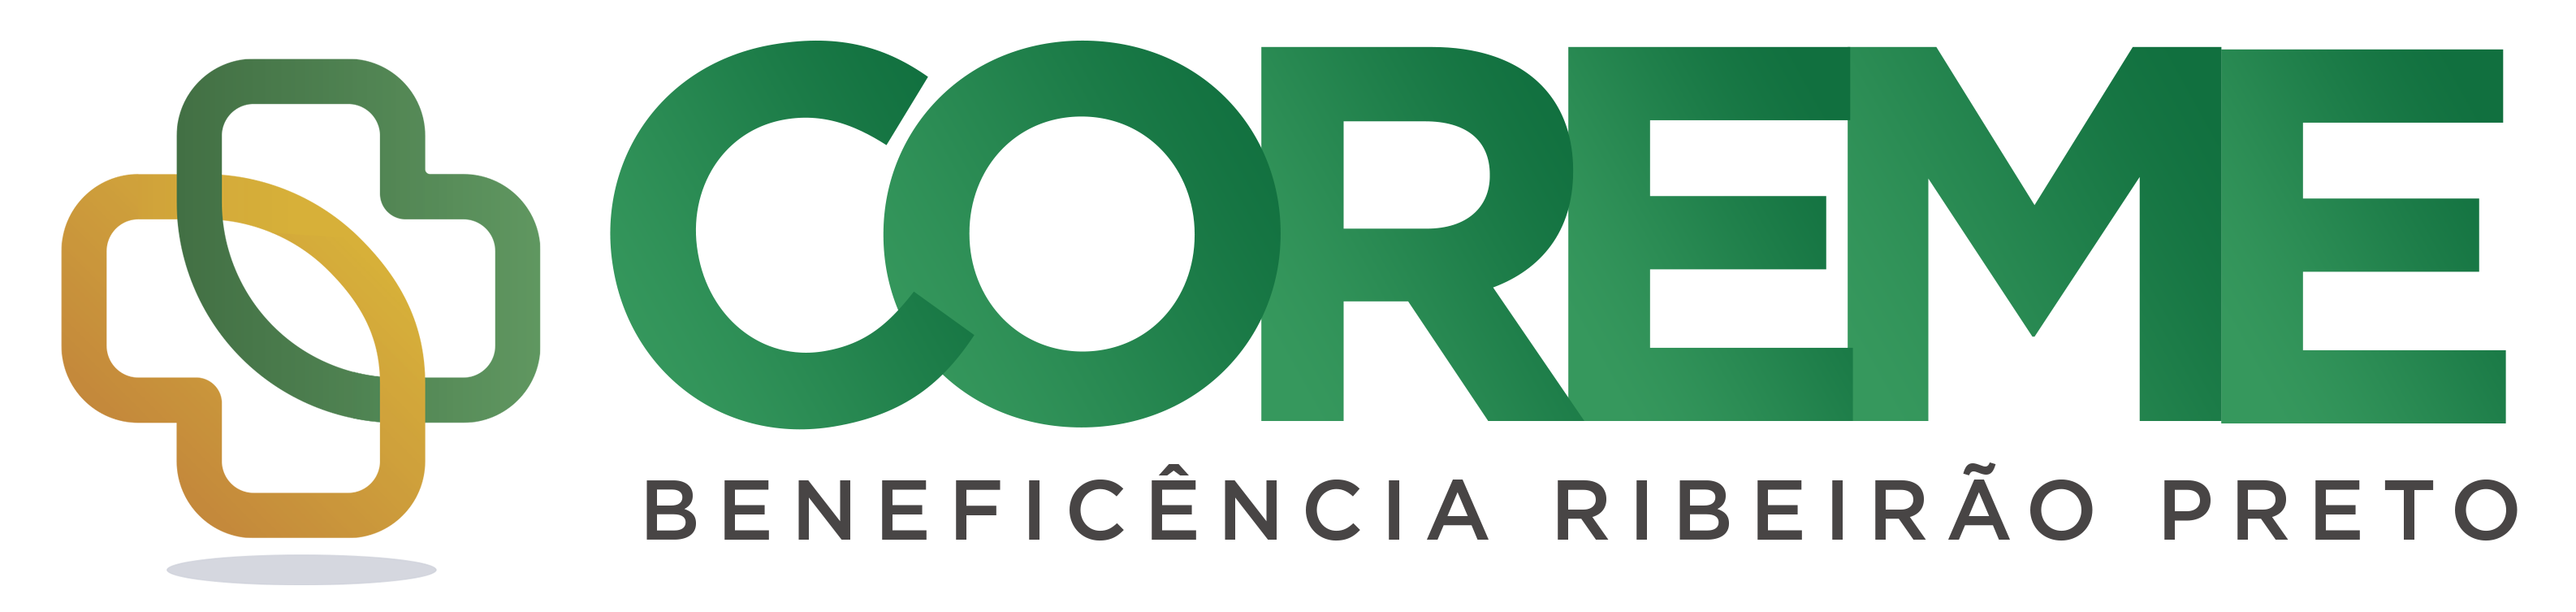 COREME – Comissão de Residência Médica Beneficência Ribeirão Preto